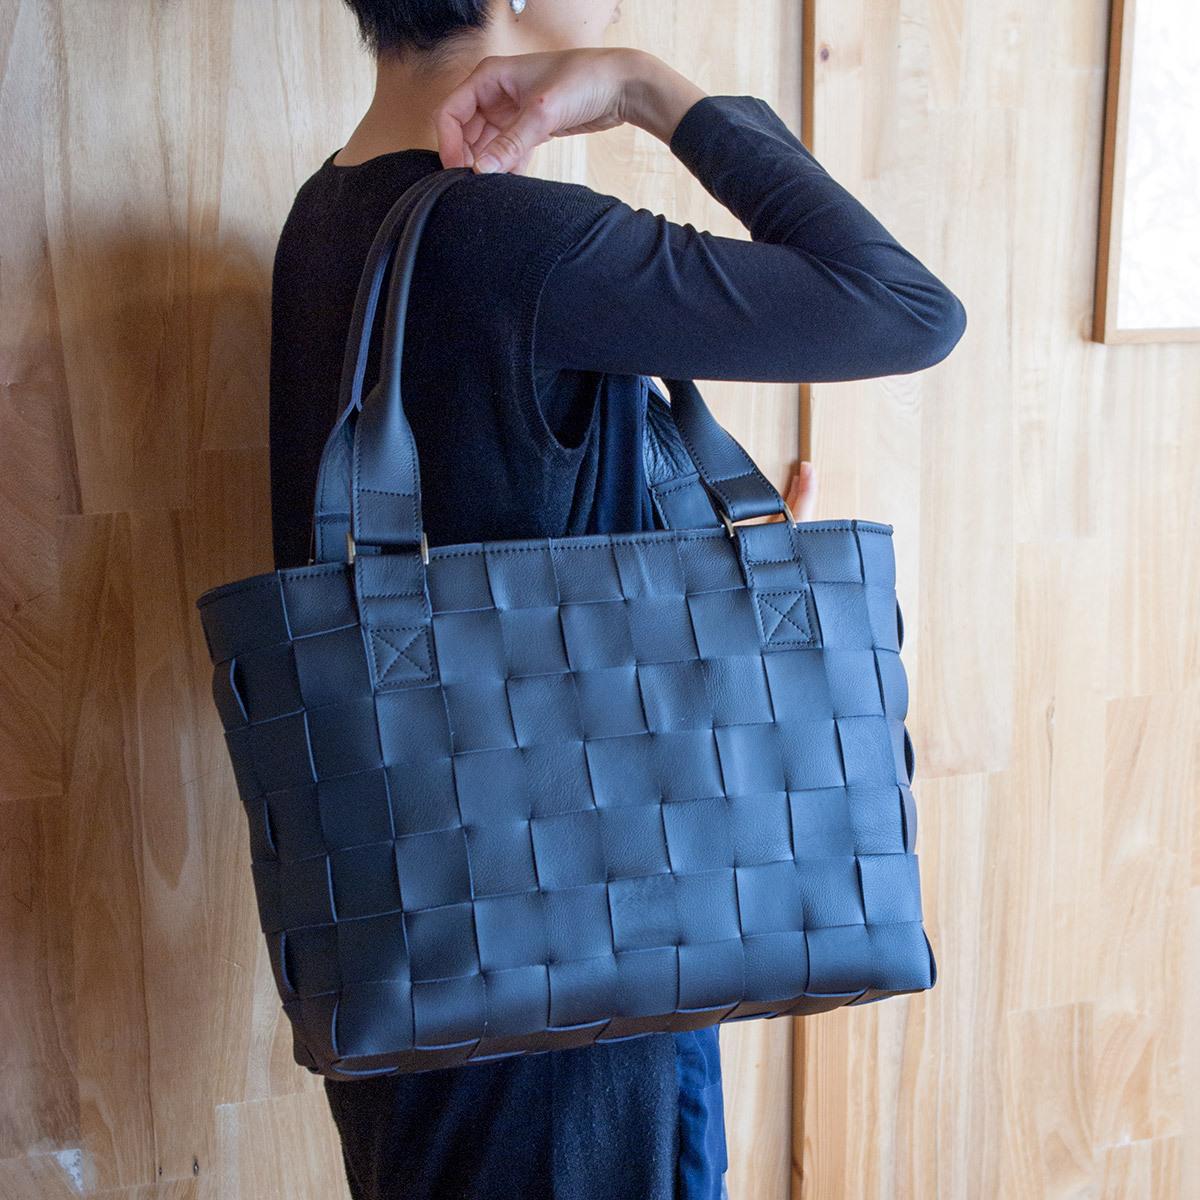 編みレザートートバッグ/家具の柔らかい牛革製 /大きめ/ 黒